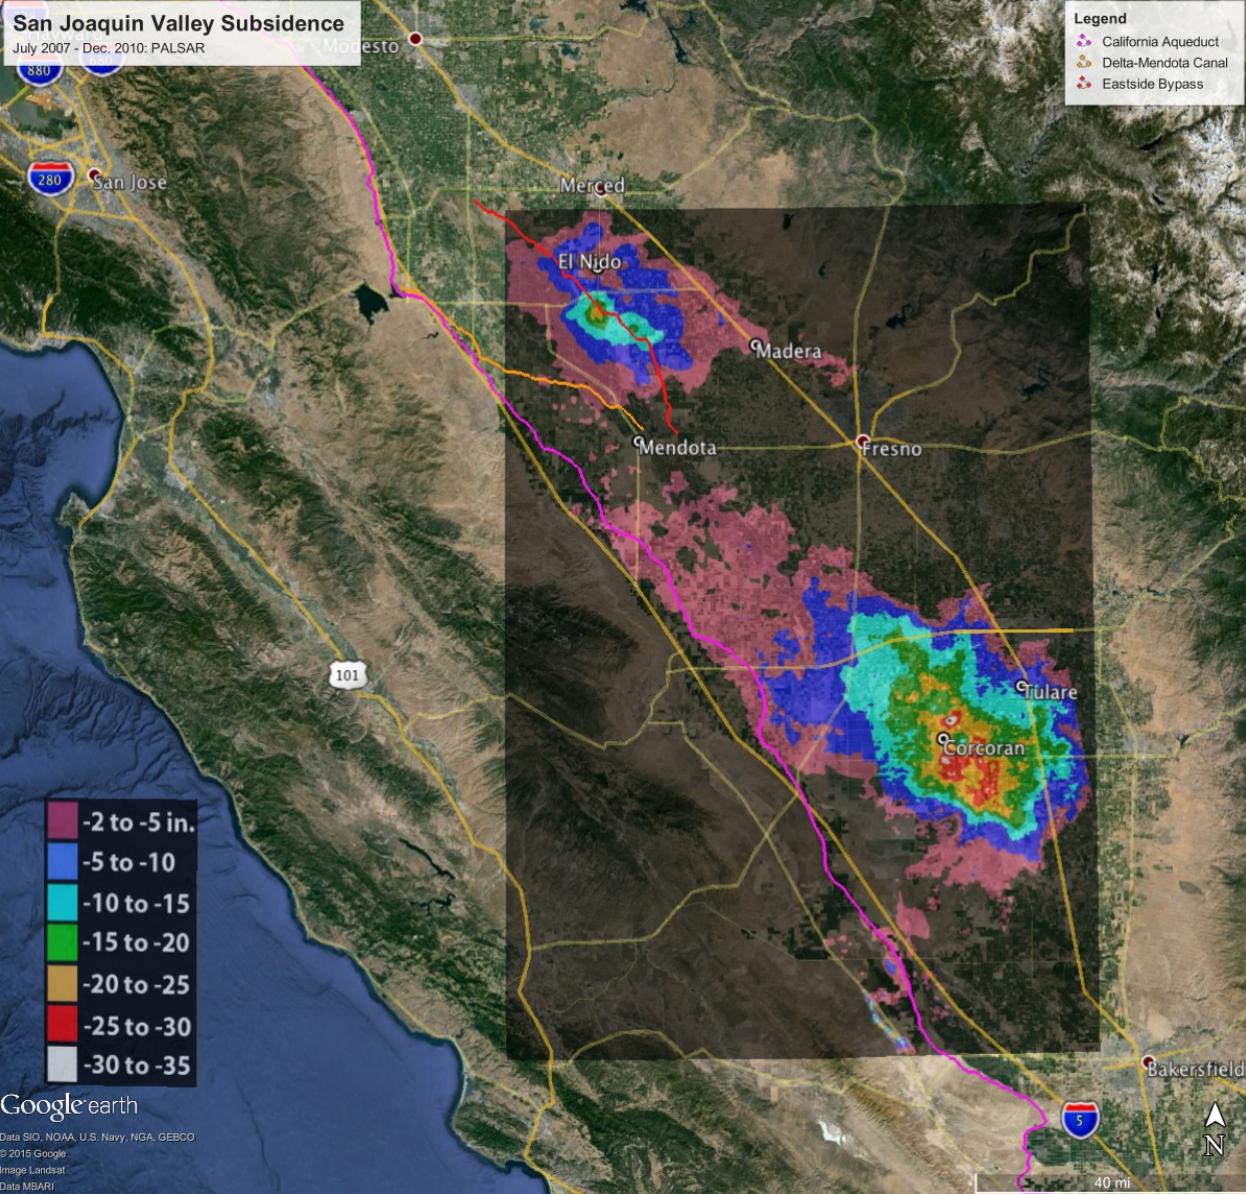 San Joaquin Valley sinking